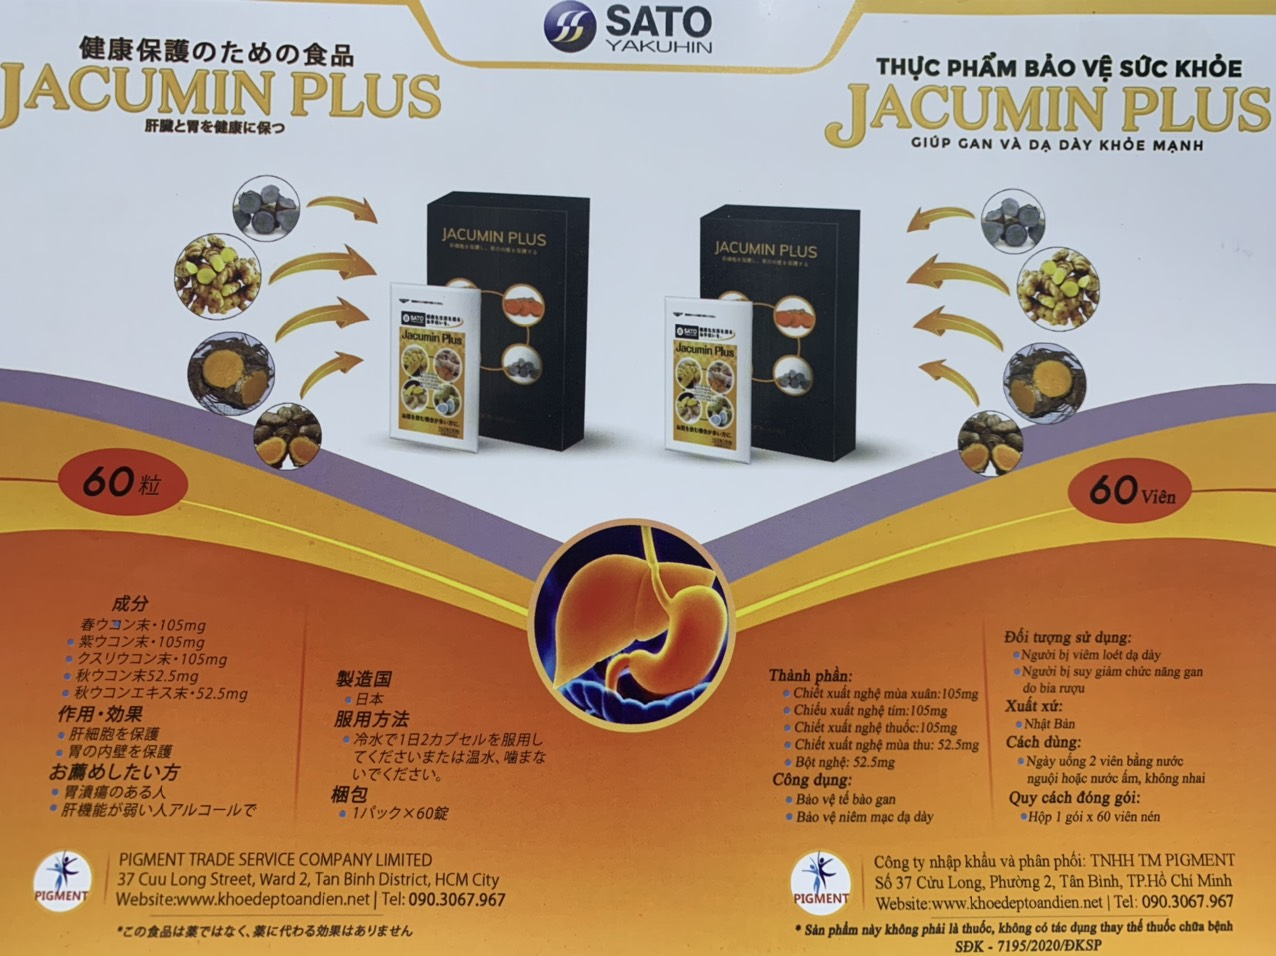 Jacumin Plus chiết xuất 4 loại nghệ nhập khẩu từ Nhật Bản 3